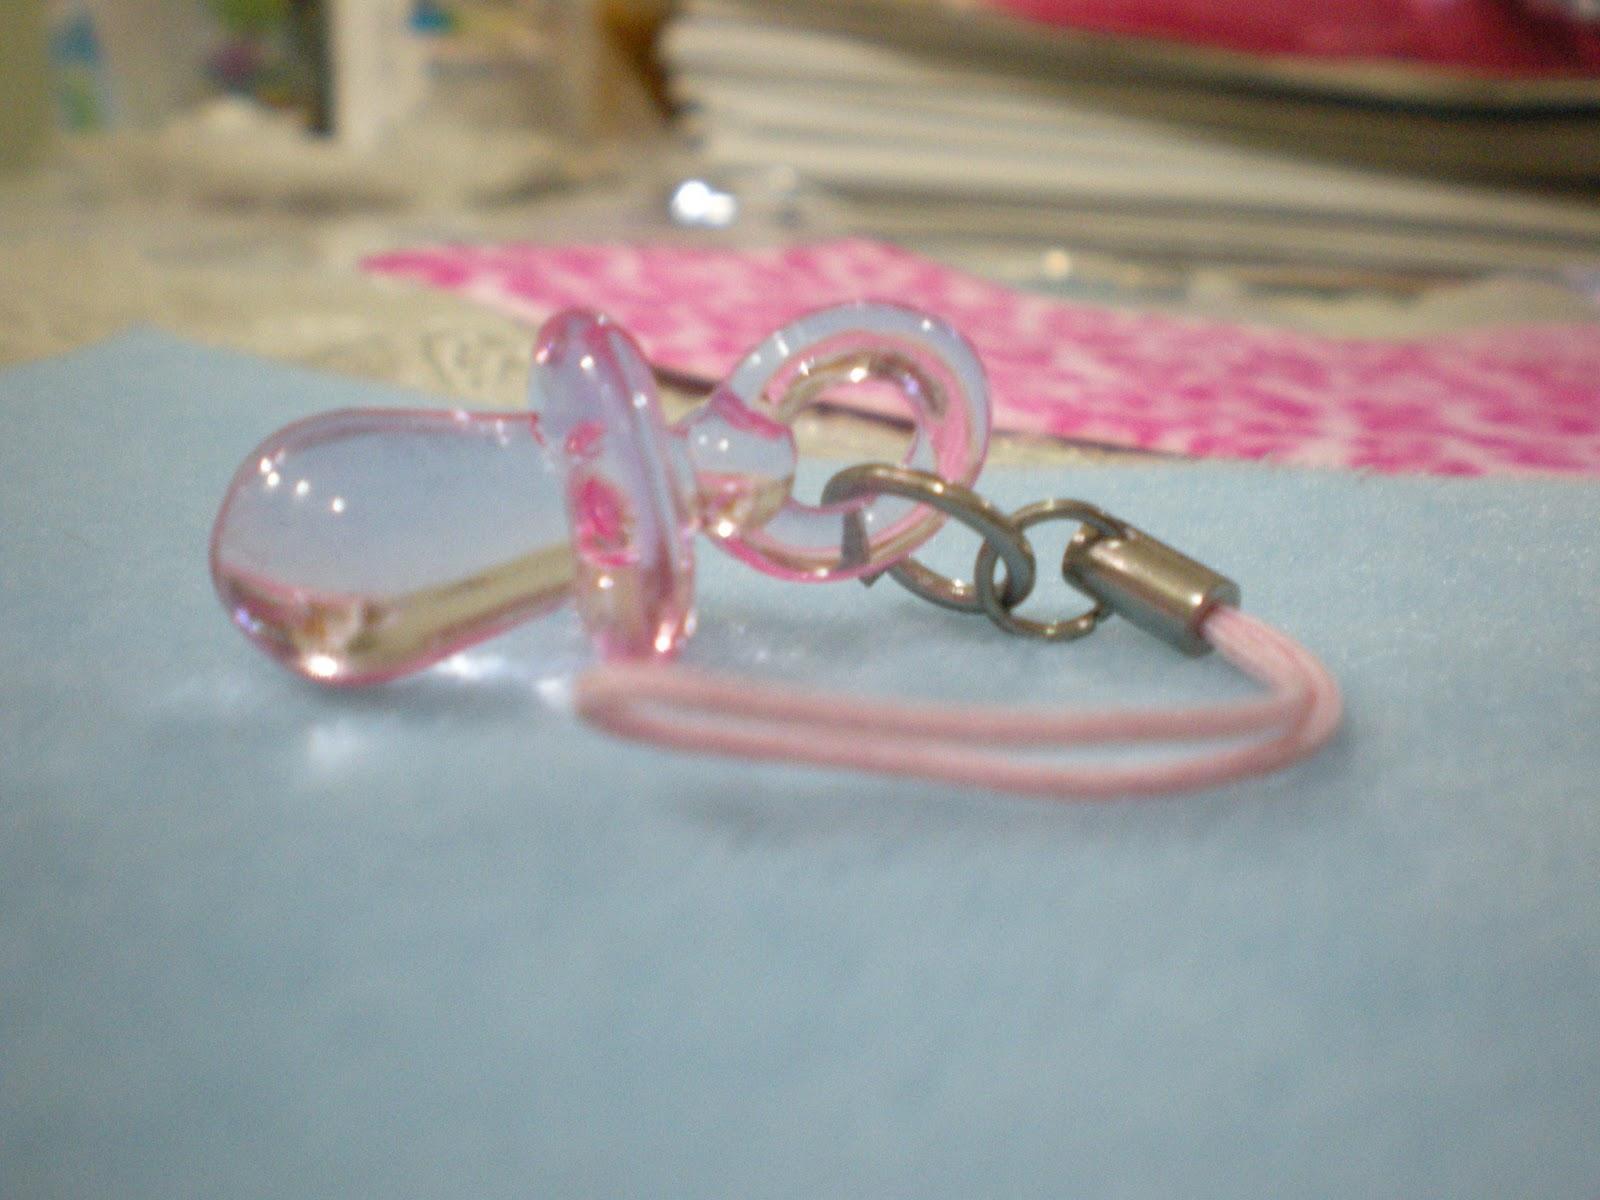 http://3.bp.blogspot.com/_PQqKmxAGqas/TOFa0aNPDpI/AAAAAAAAAA8/YNmjNxXzsMY/s1600/pink+pacifier_2.JPG